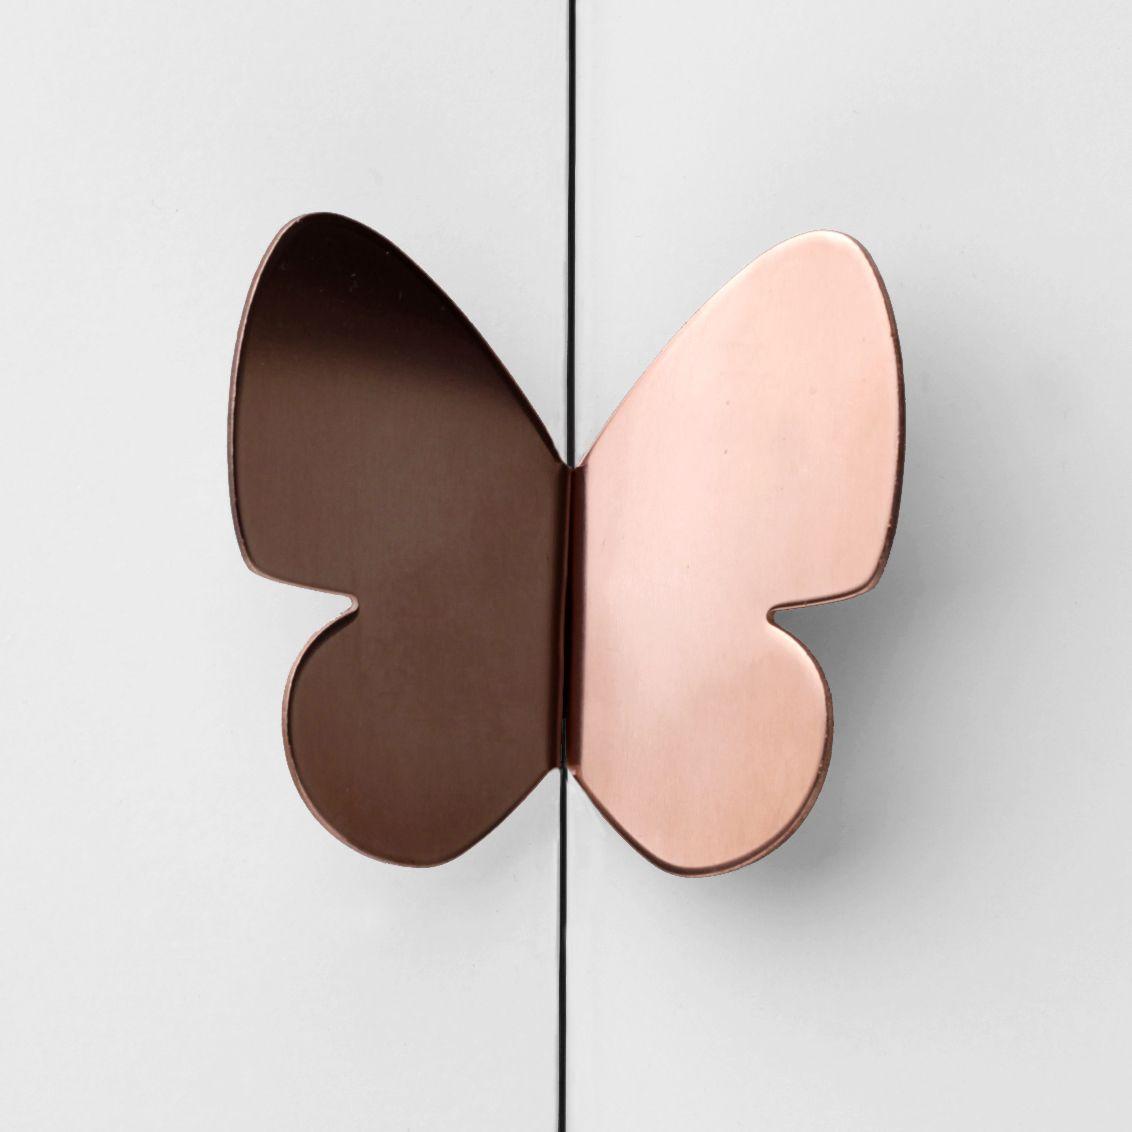 Butterfly Door Handle In Copper Rose Gold Color Craze